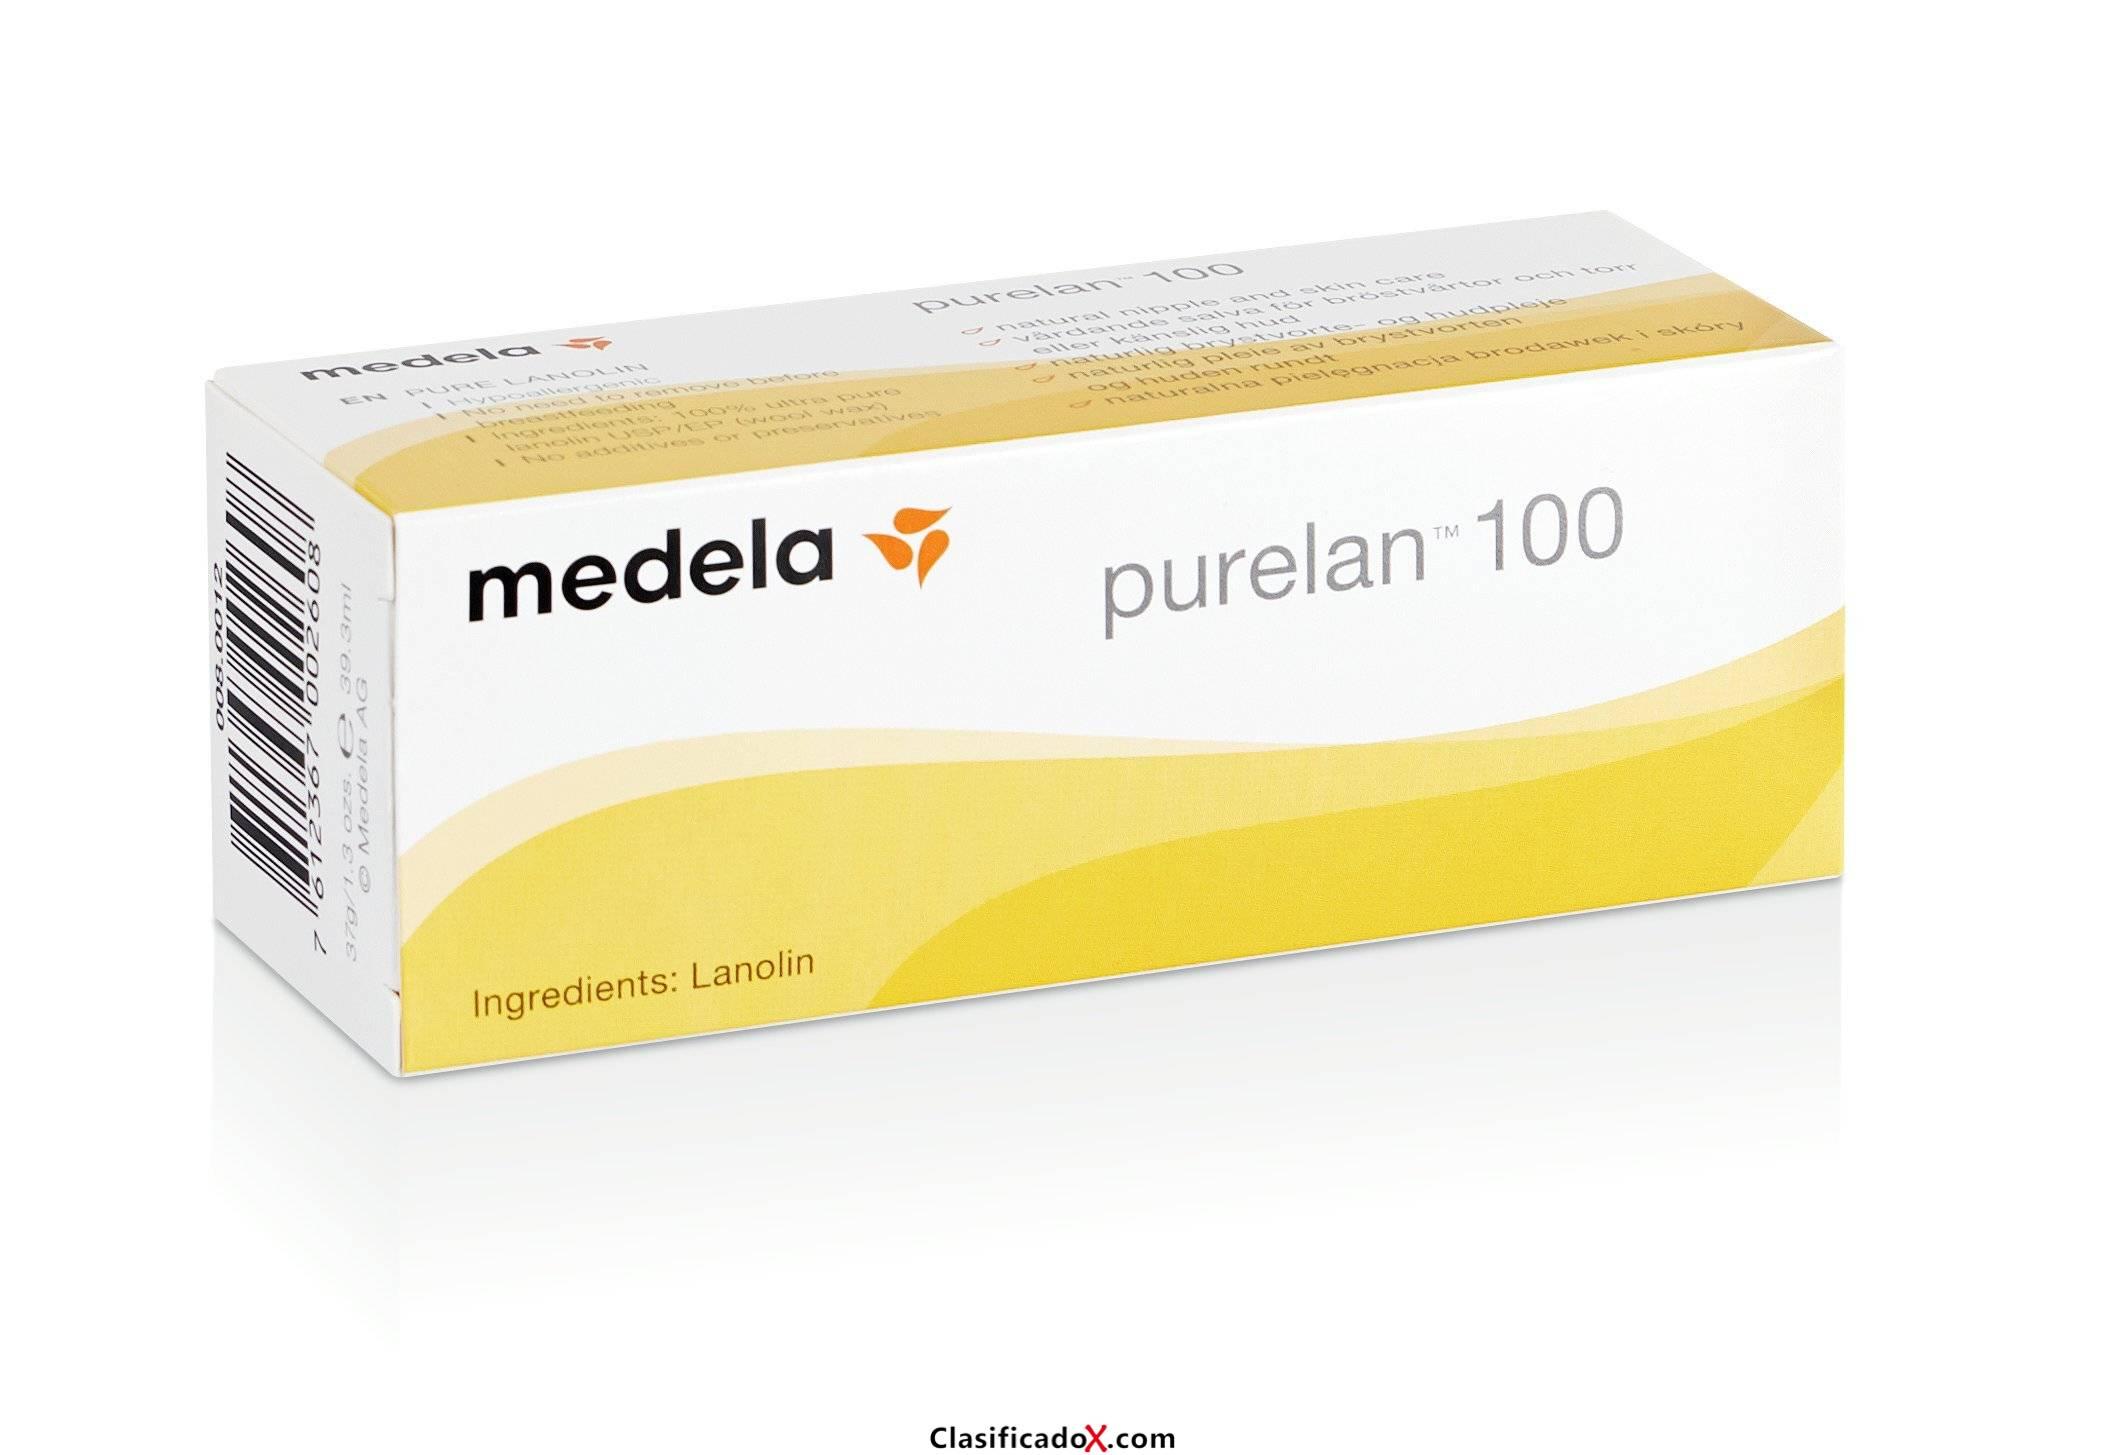 Purelan 100 Medela - Crema de lanonina 100% natural para pezones sensibles, secos o agrietados 37 gr. Envíos a Alacant